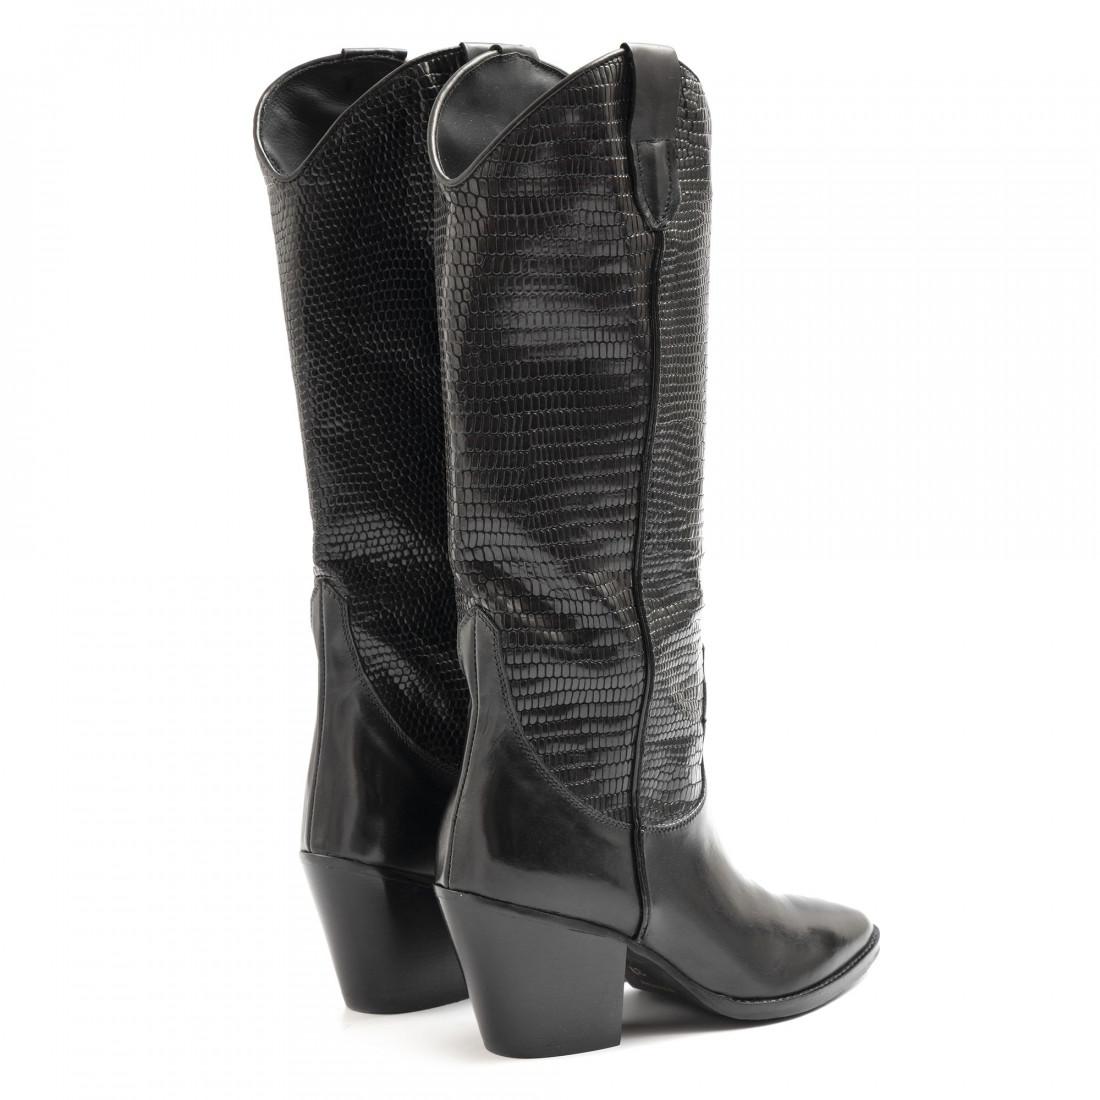 boots woman kobra 5470vit nero pit nero 6503